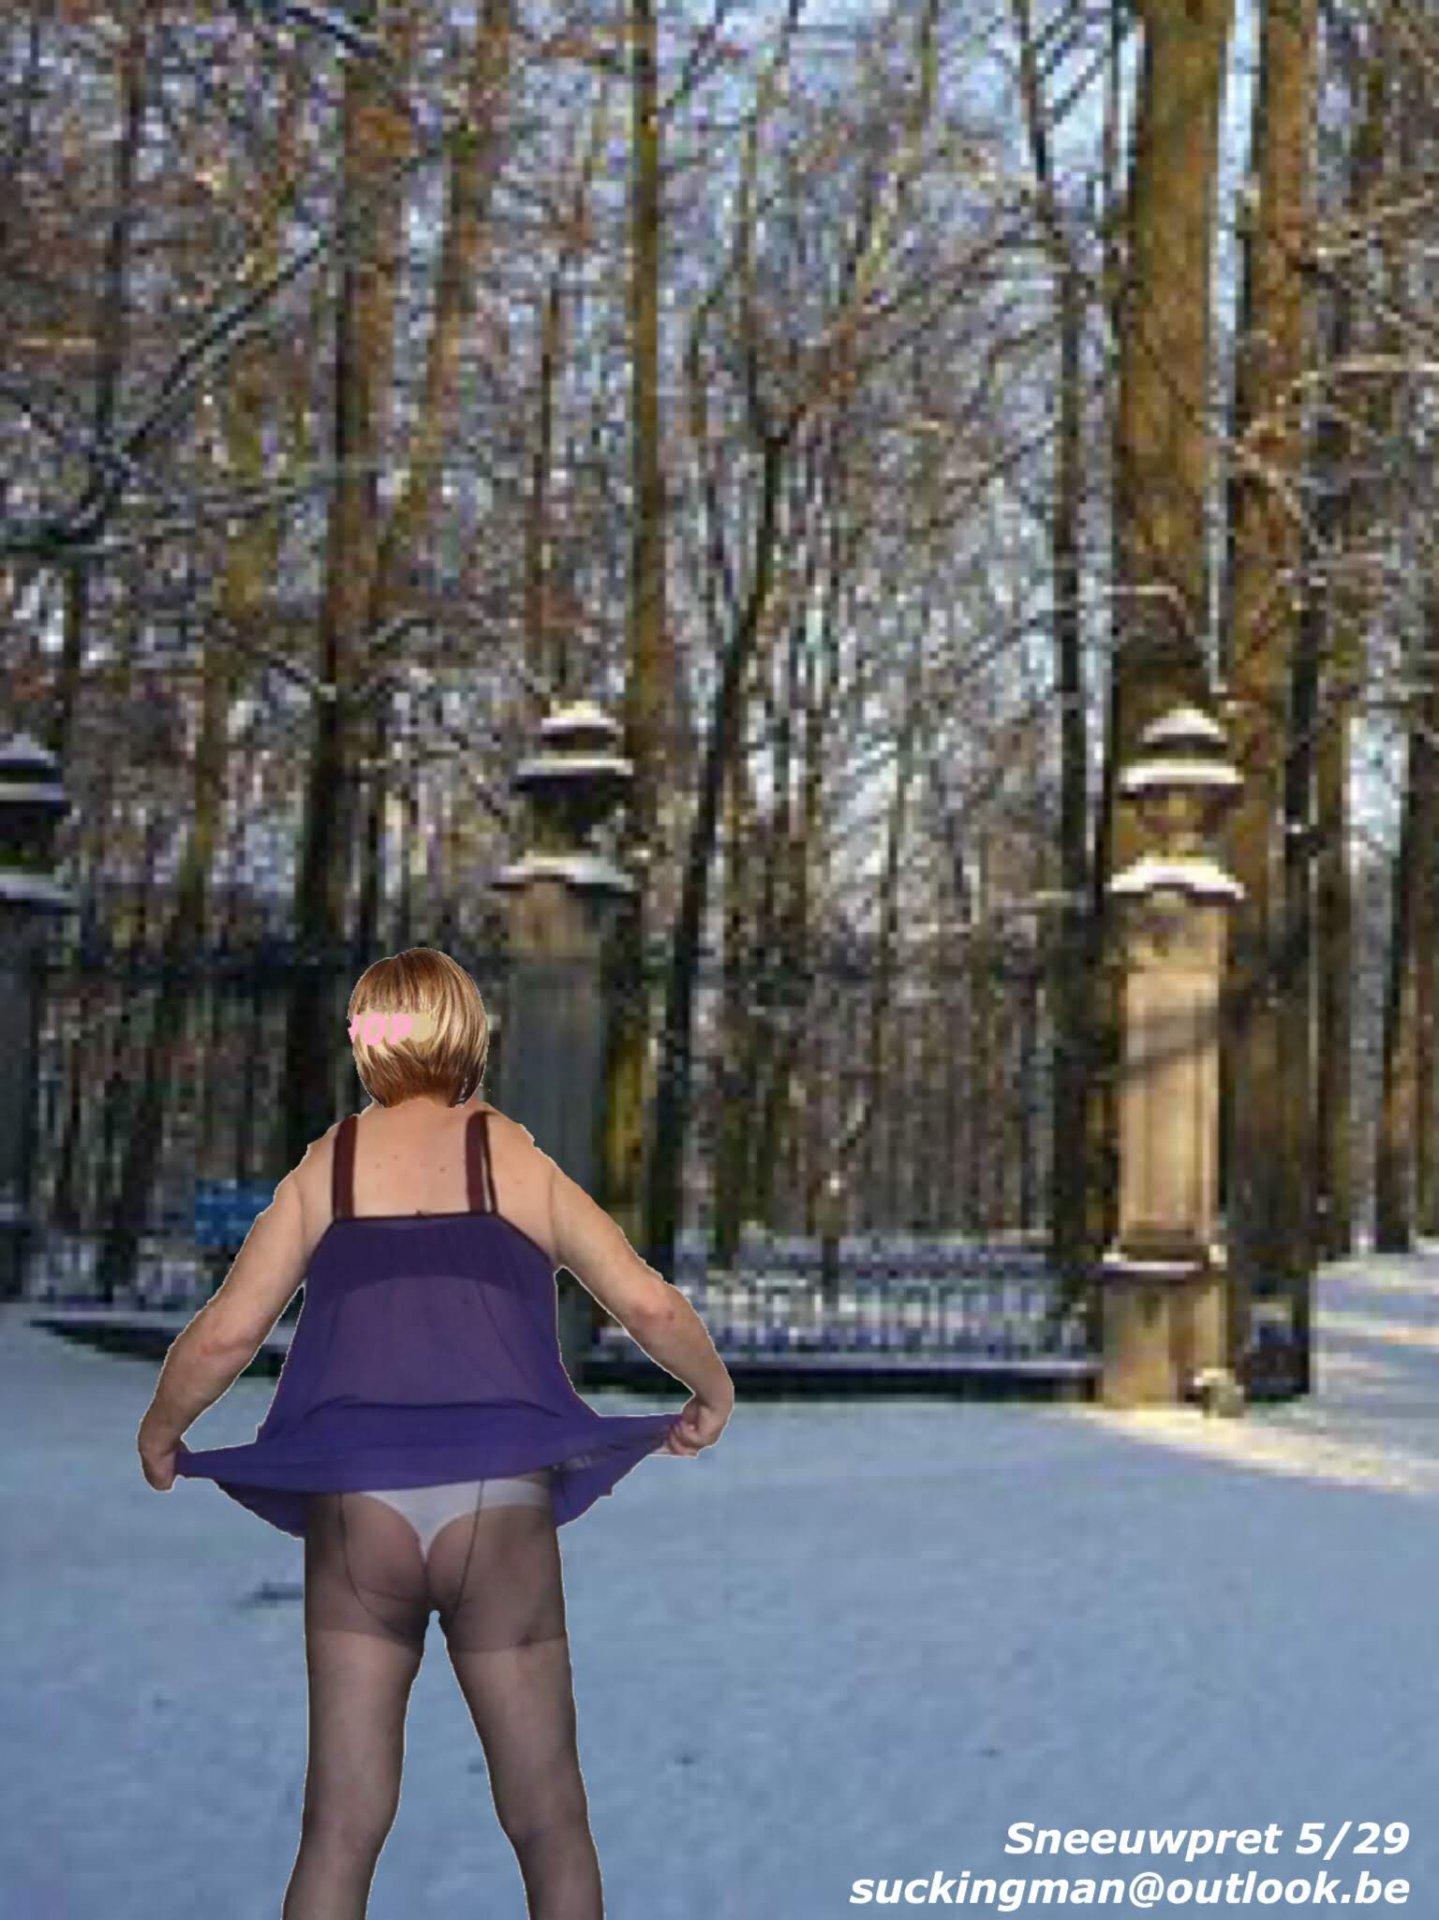 Vicky aus Oost-Vlaanderen,Belgien